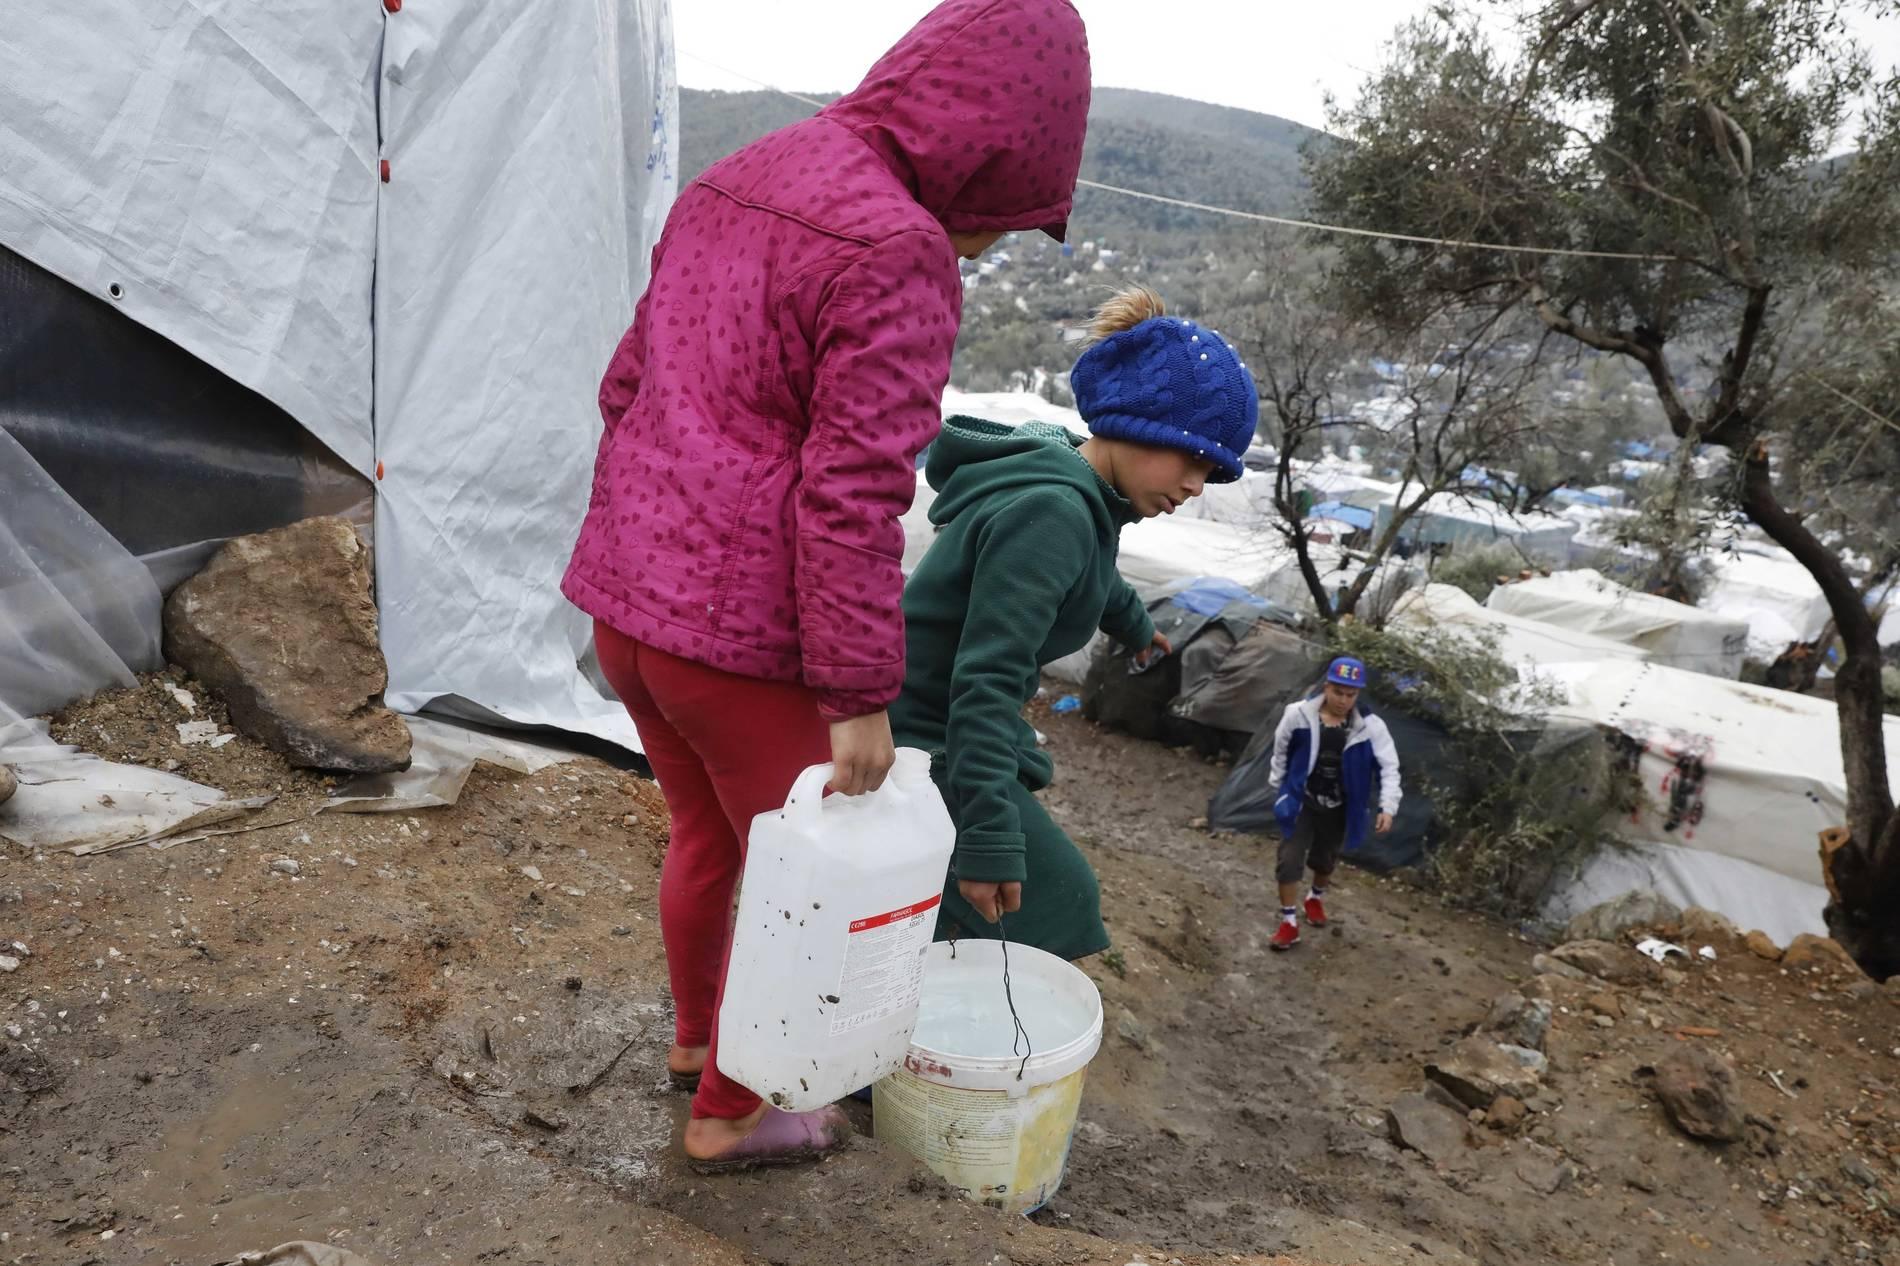 Kinder beim Wasser holen im Flüchtlingscamp Moria auf Lesbos